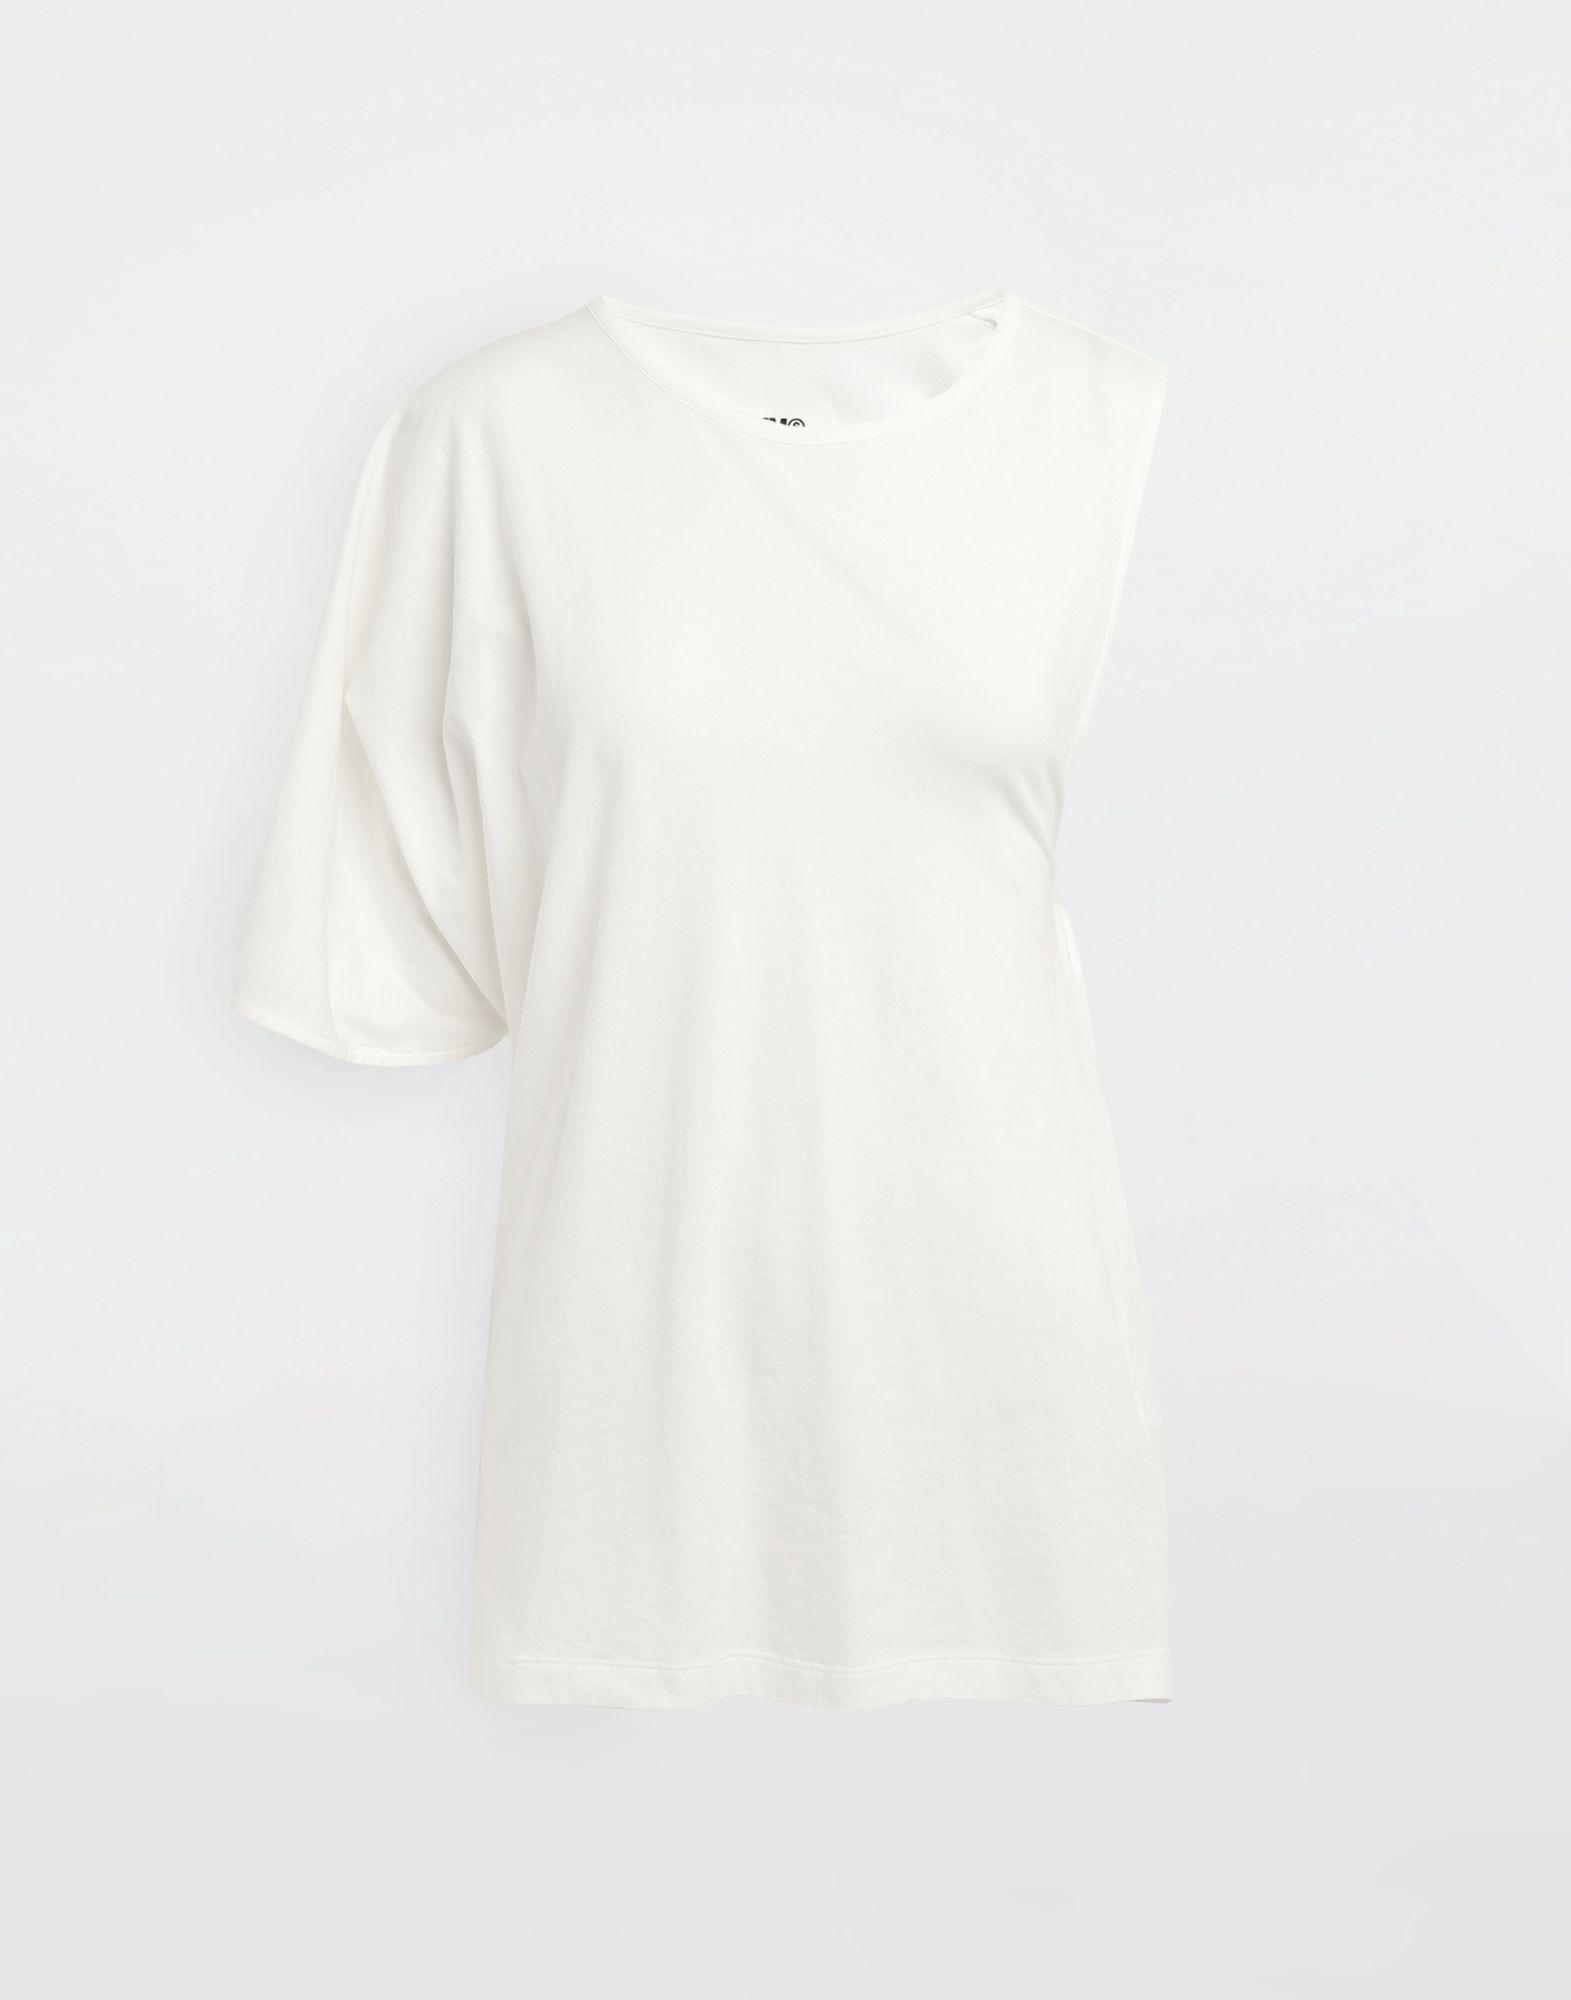 MM6 MAISON MARGIELA Asymmetrical jersey shirt Short sleeve t-shirt Woman f